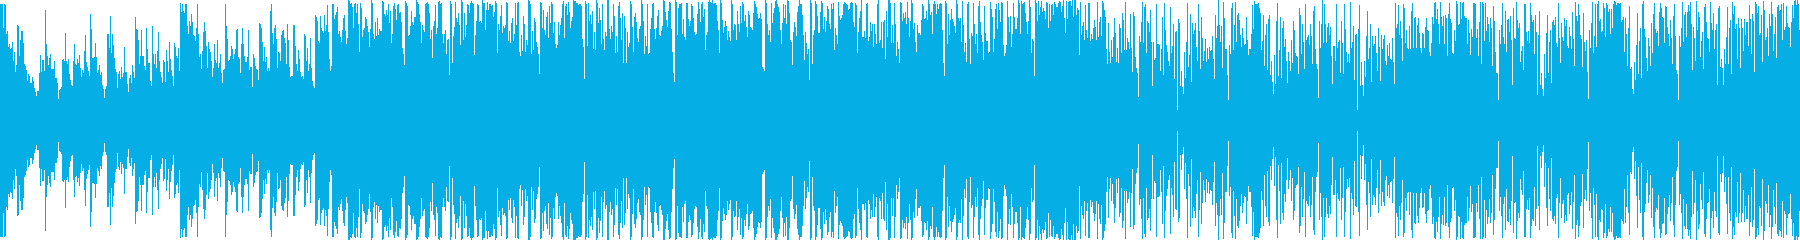 和楽器をフィーチャーしたEDM:ループAの再生済みの波形